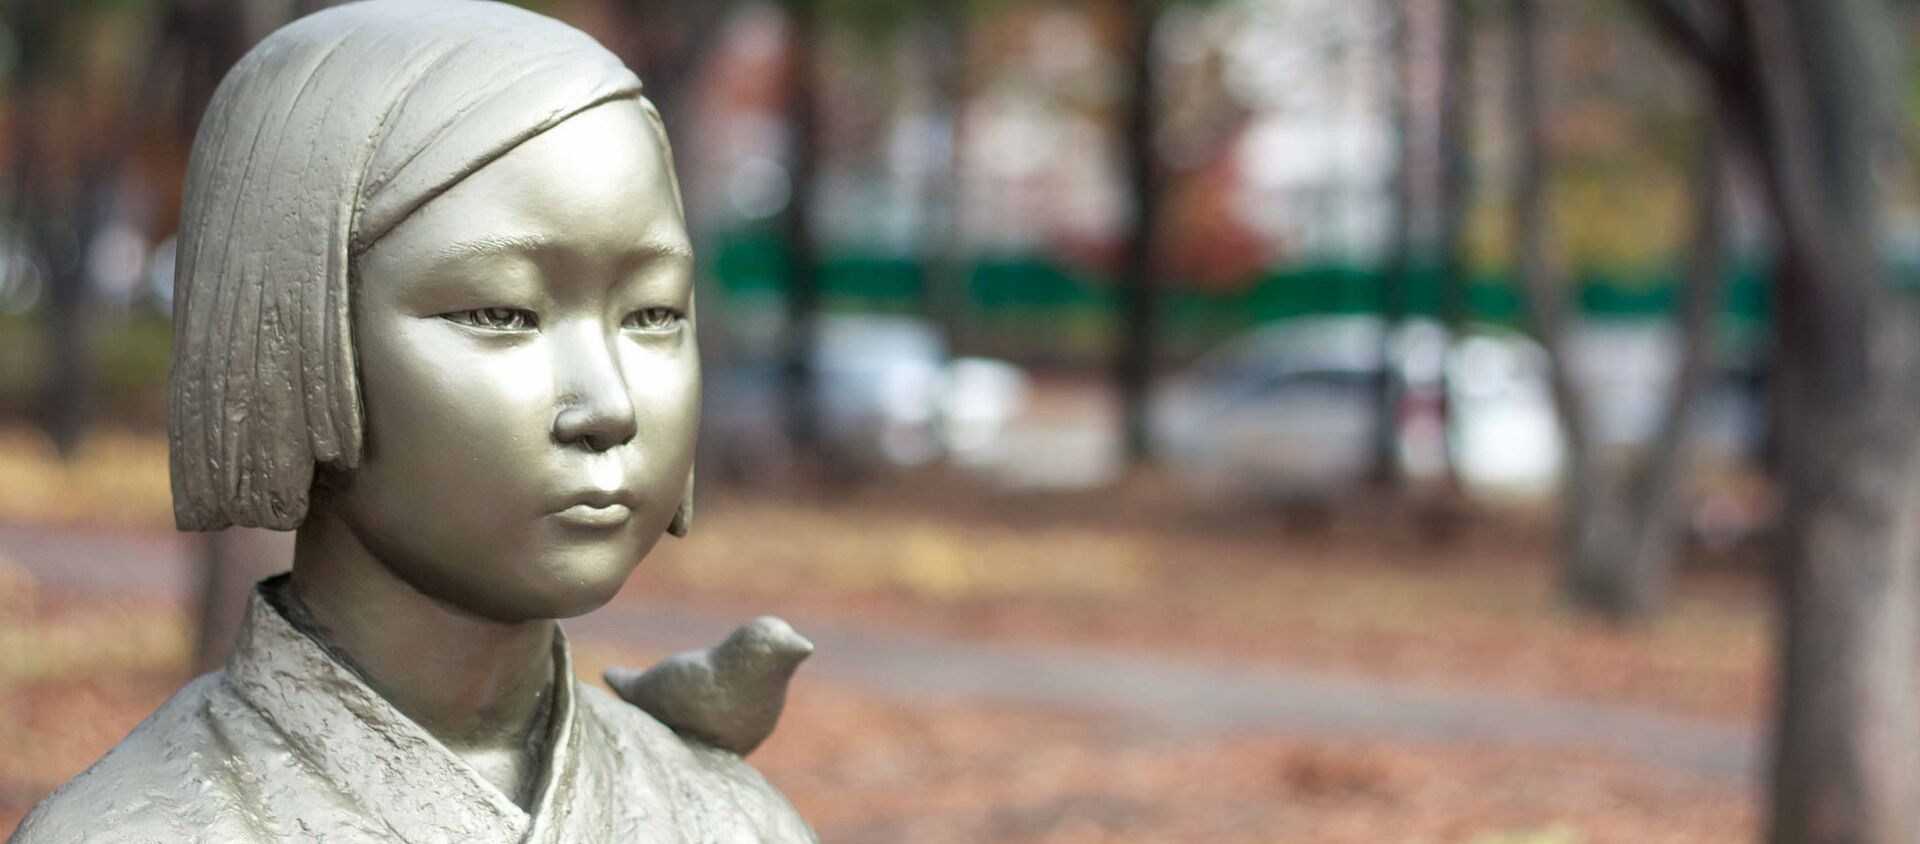 従軍慰安婦像 - Sputnik 日本, 1920, 18.06.2021